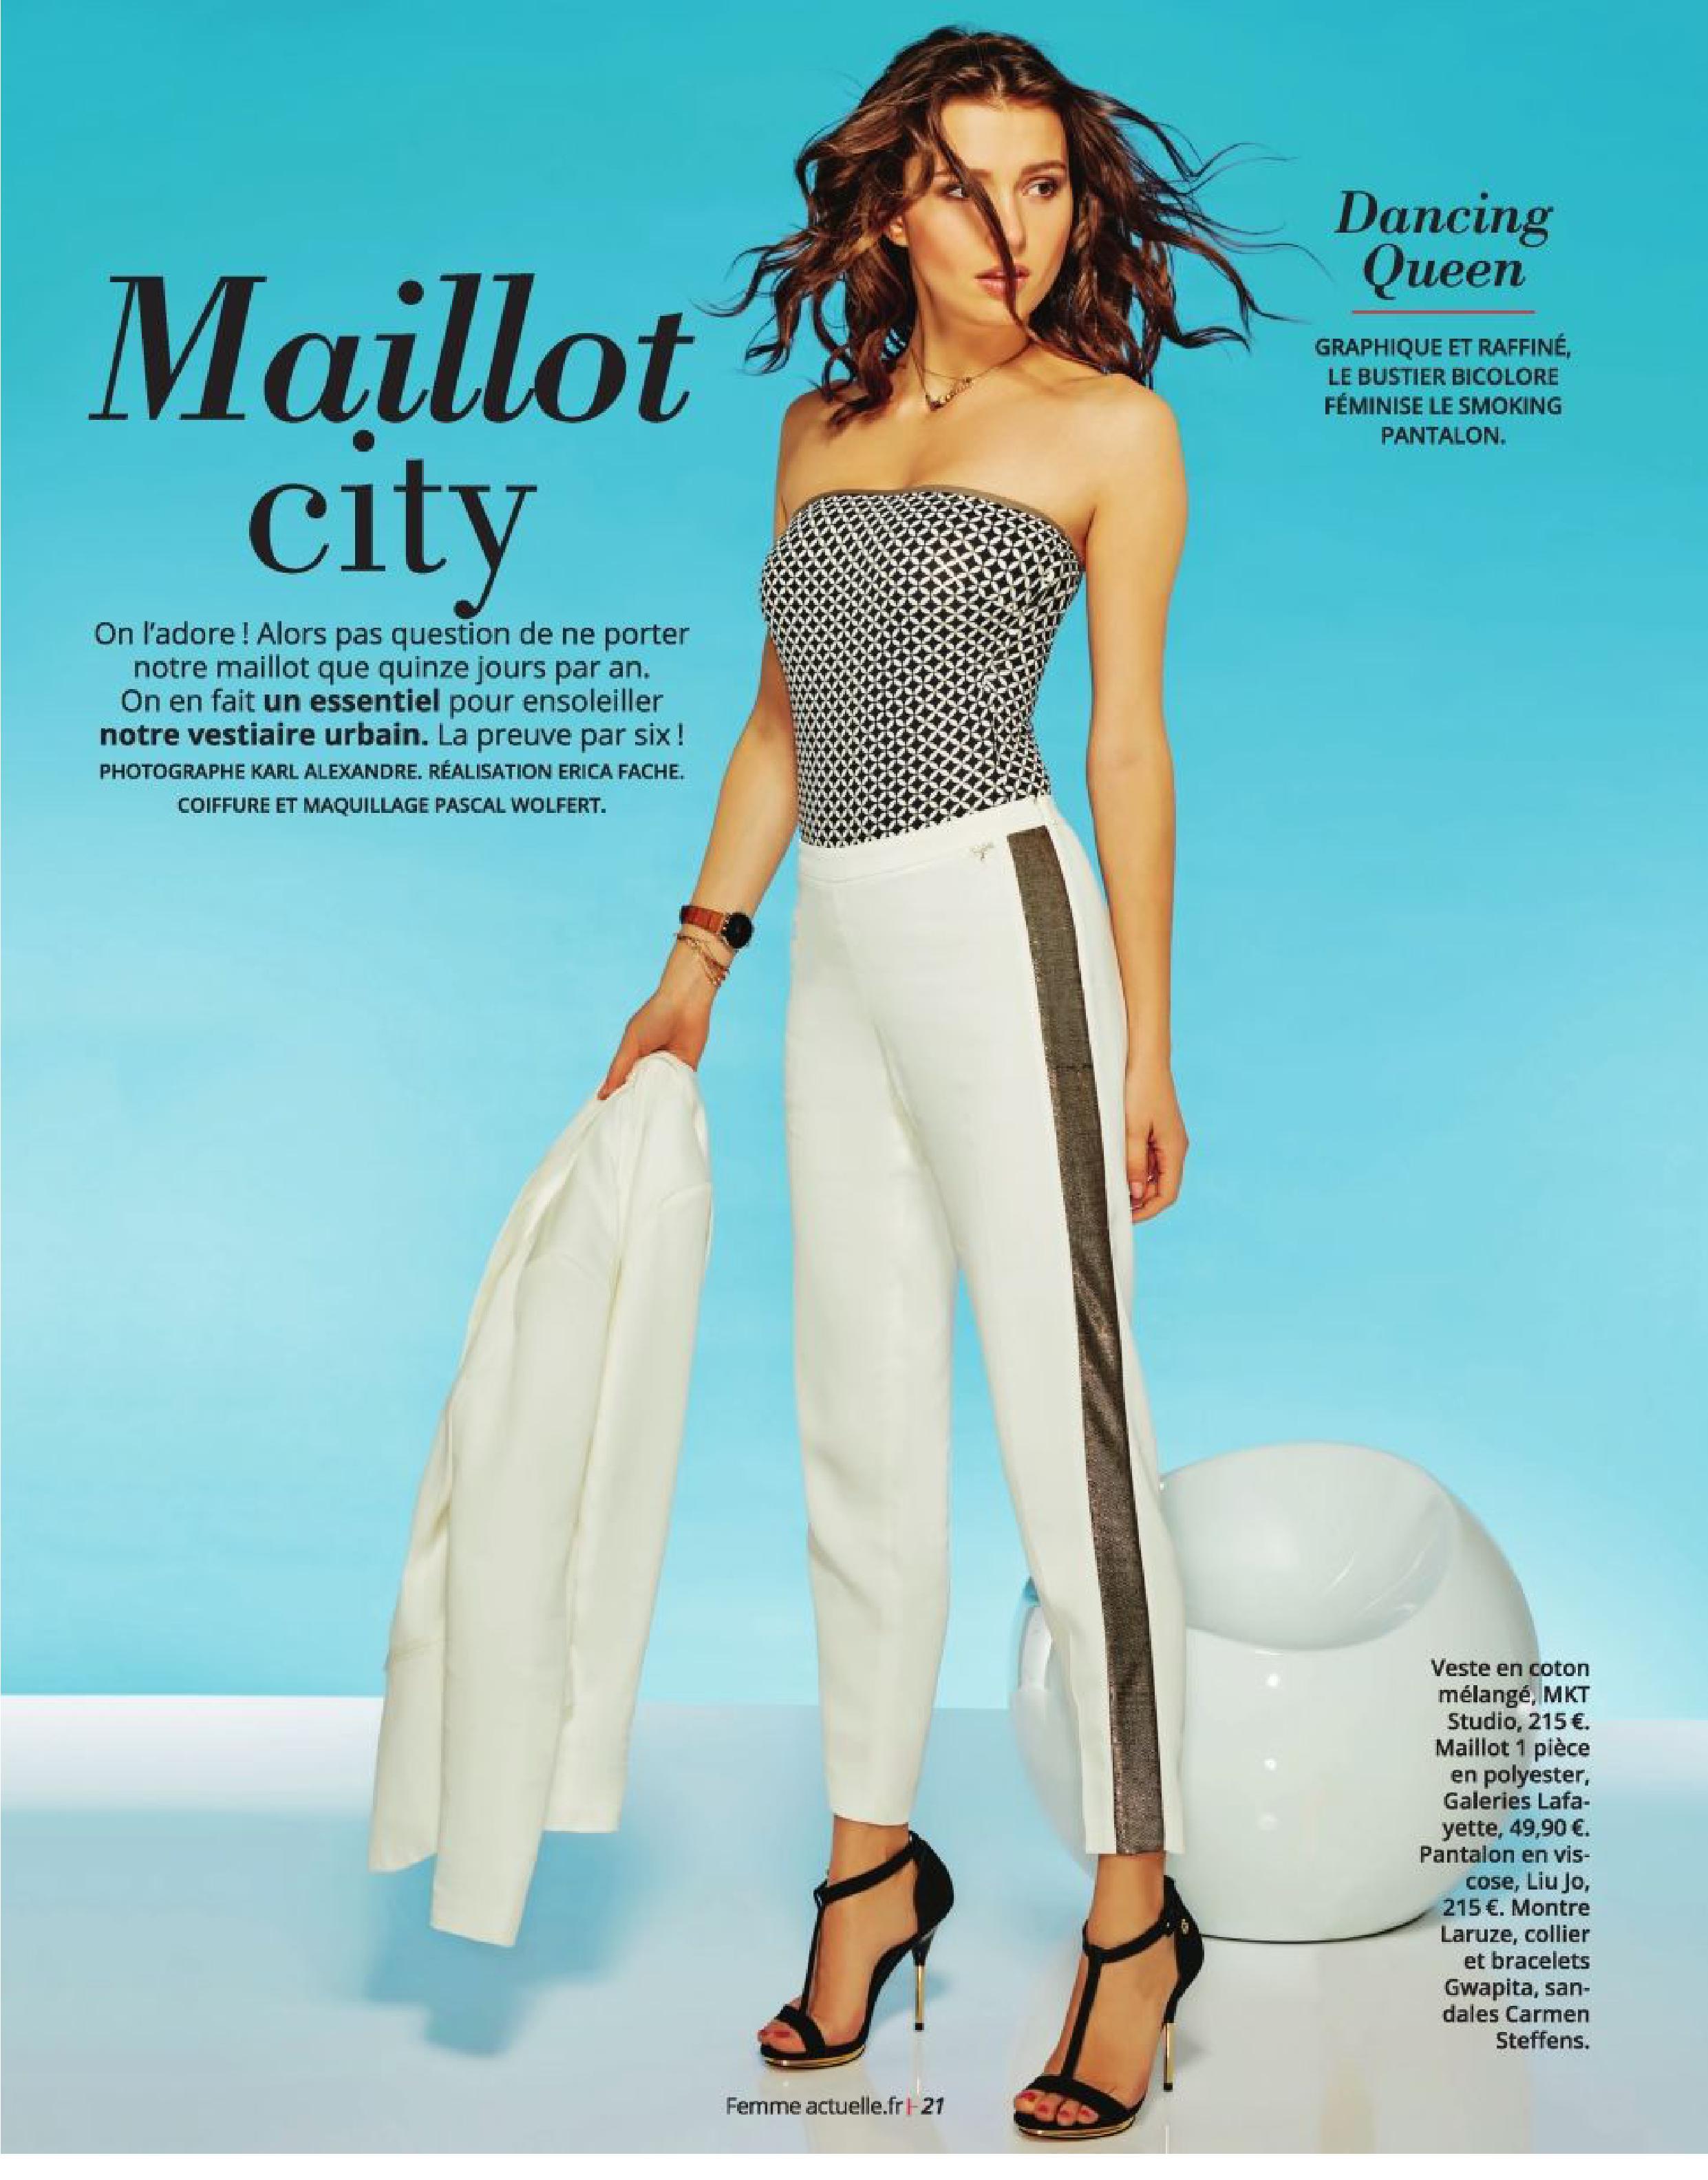 Tatiana Platon pose pour le magazine Femme Actuelle de Juin 2016